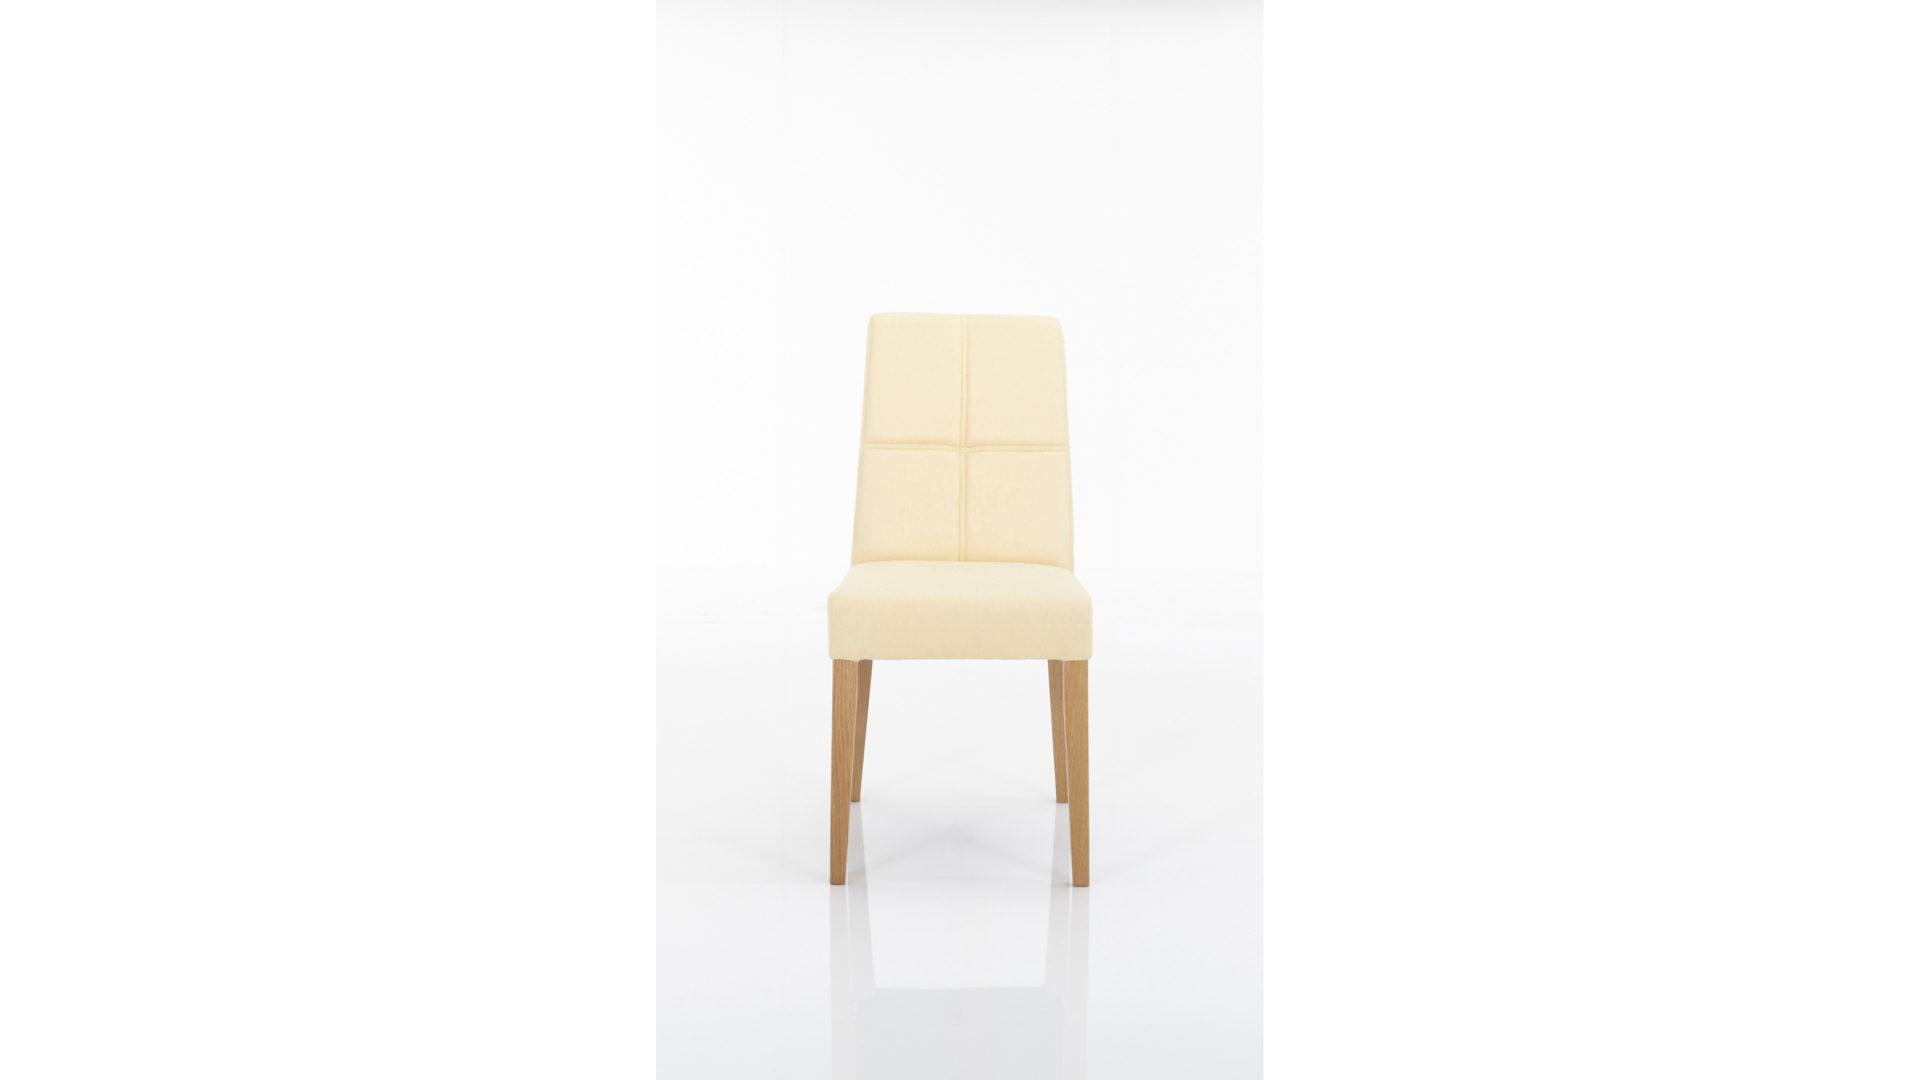 Möbel Weber Herxheim Bei Landau Räume Küche Stühle Bänke